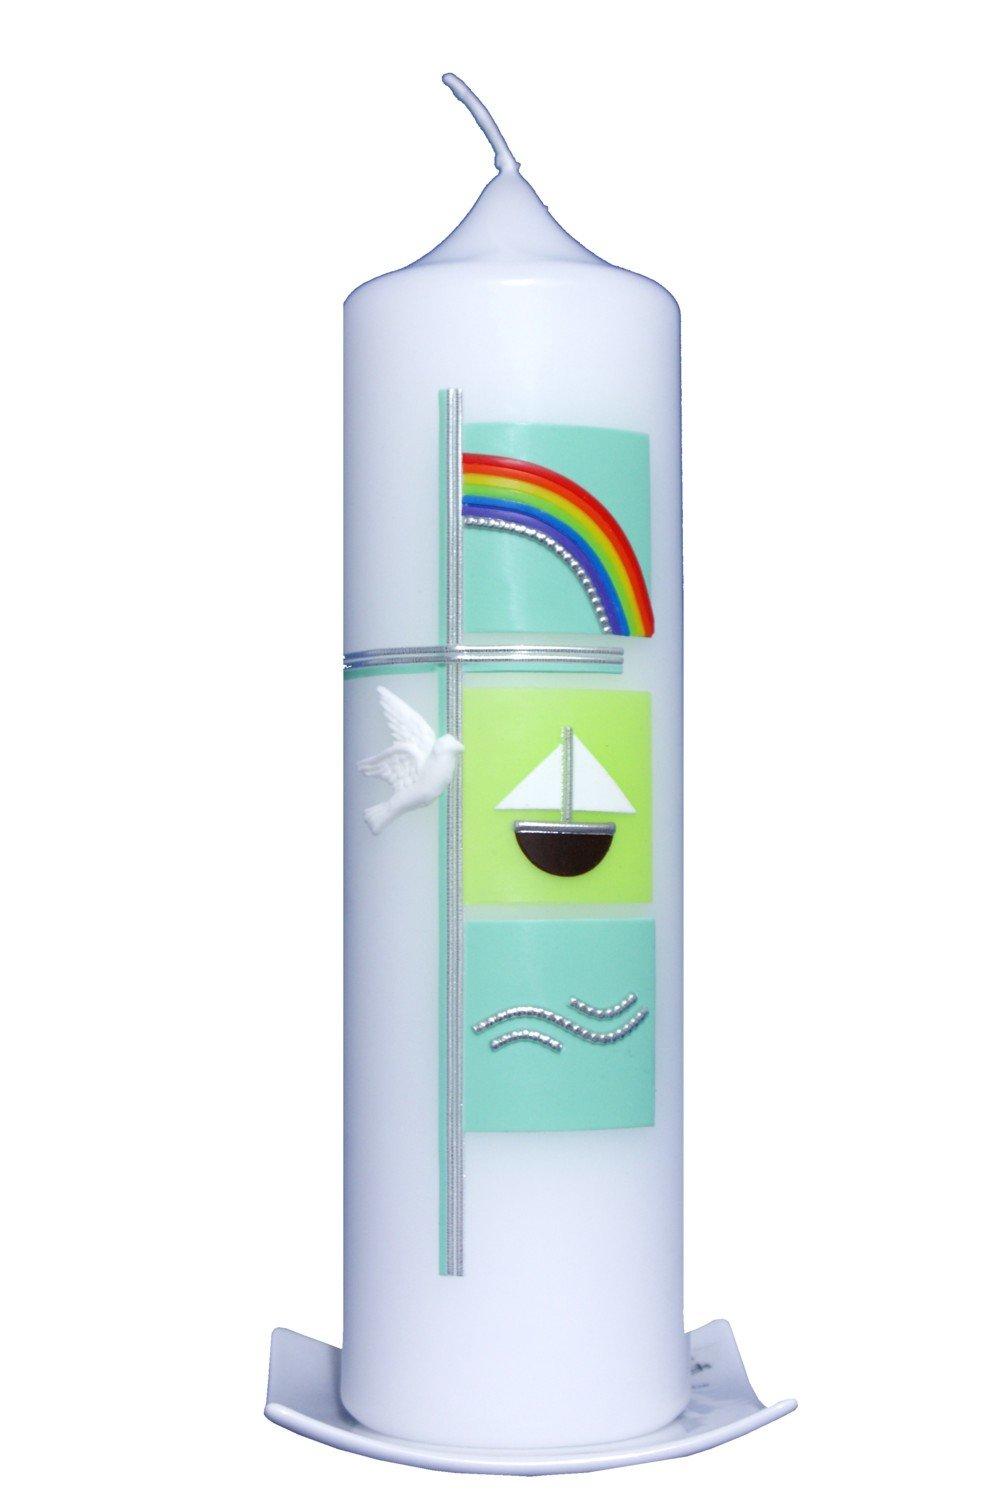 Taufkerze Maritim 25x7cm pastellgrün, wird NUR auf Kundenwunsch für Sie gefertigt. Bei uns bekommen sie keine Massenware. Den Beschriftungswunsch (Vorname und ein Datum ) bitte an: info@artecera.com Arte cera TK250249